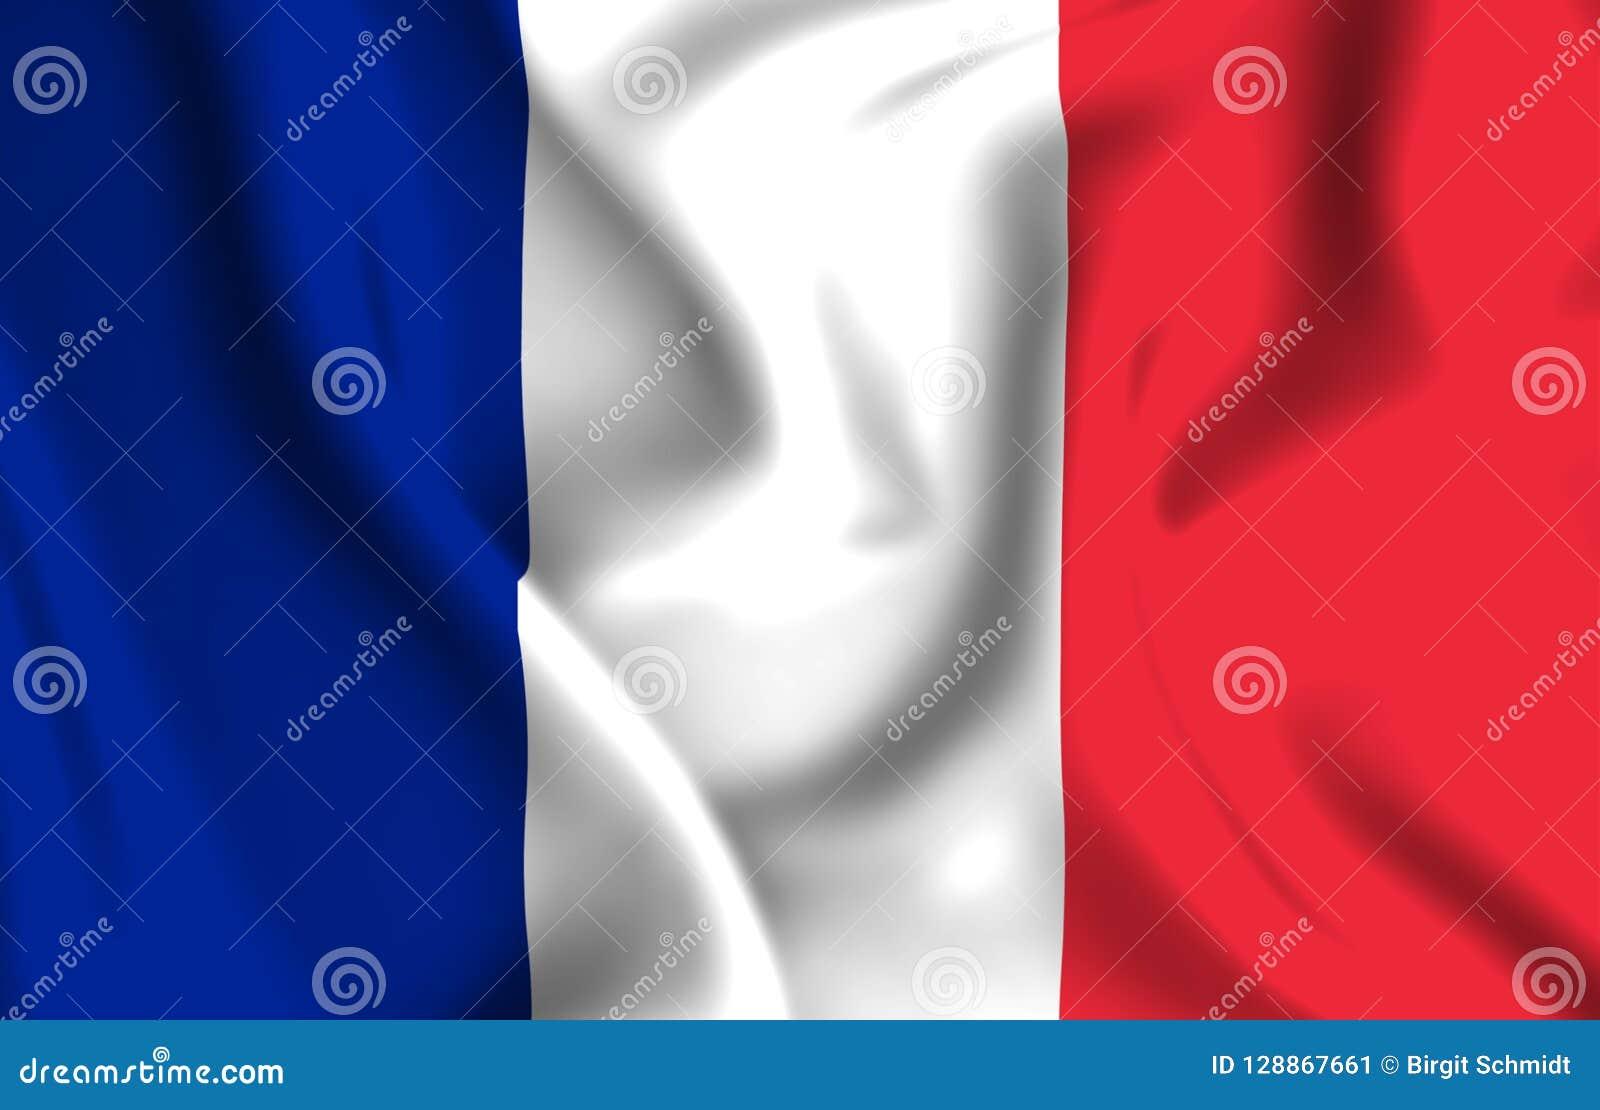 Ilustração da bandeira de França